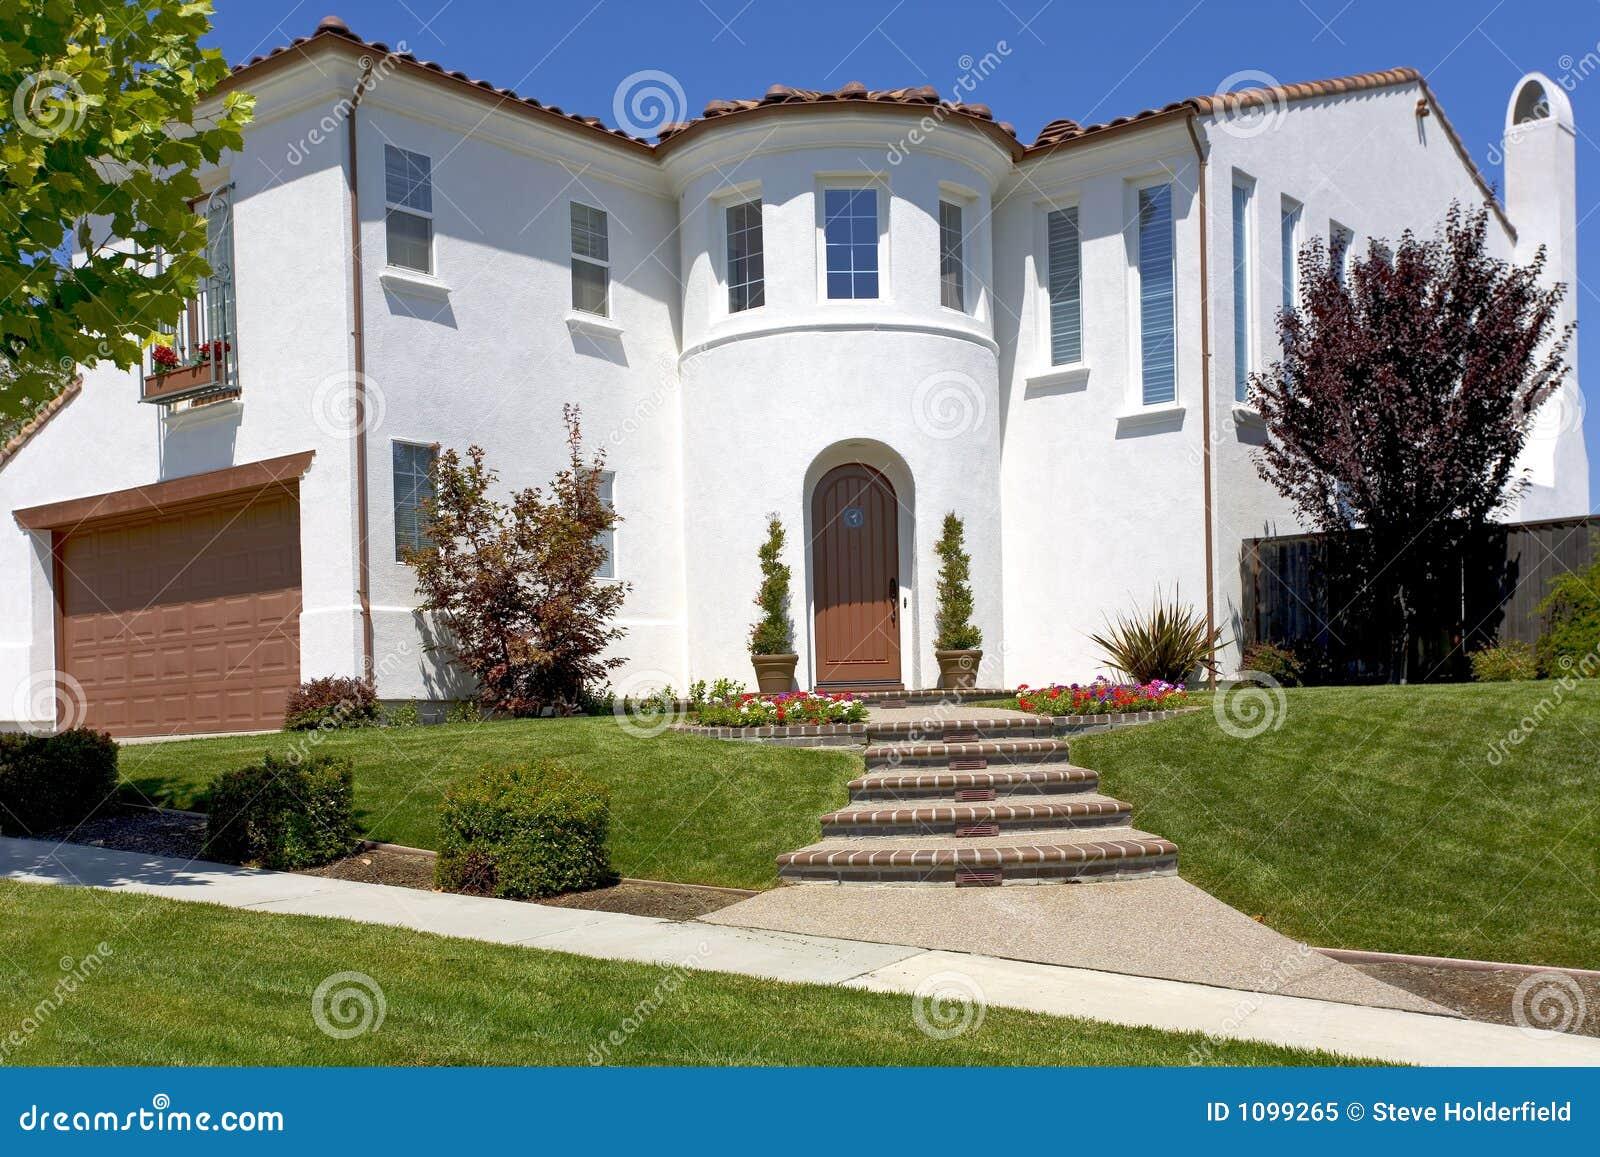 Het grote spaanse huis van de stijl met een torentje royalty vrije stock foto afbeelding 1099265 - Stijl des maisons ...